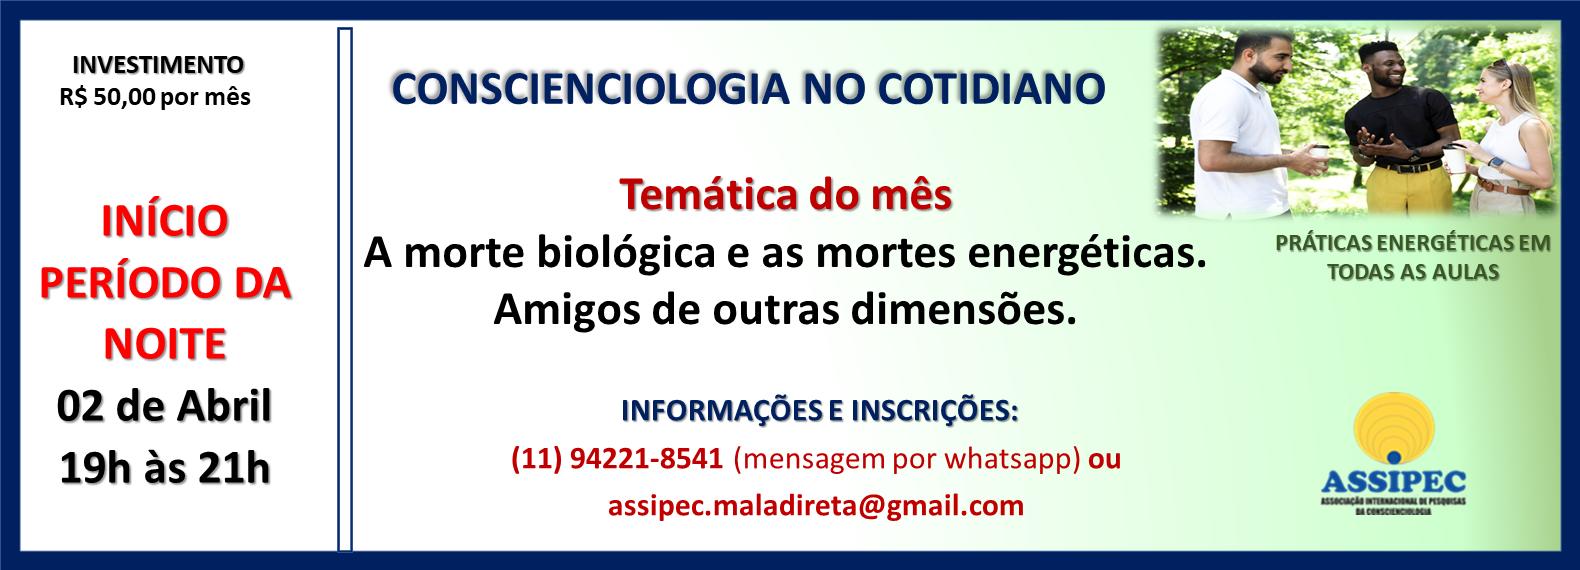 site CCIOLOGIA COTIDIANO ABRIL NOITE